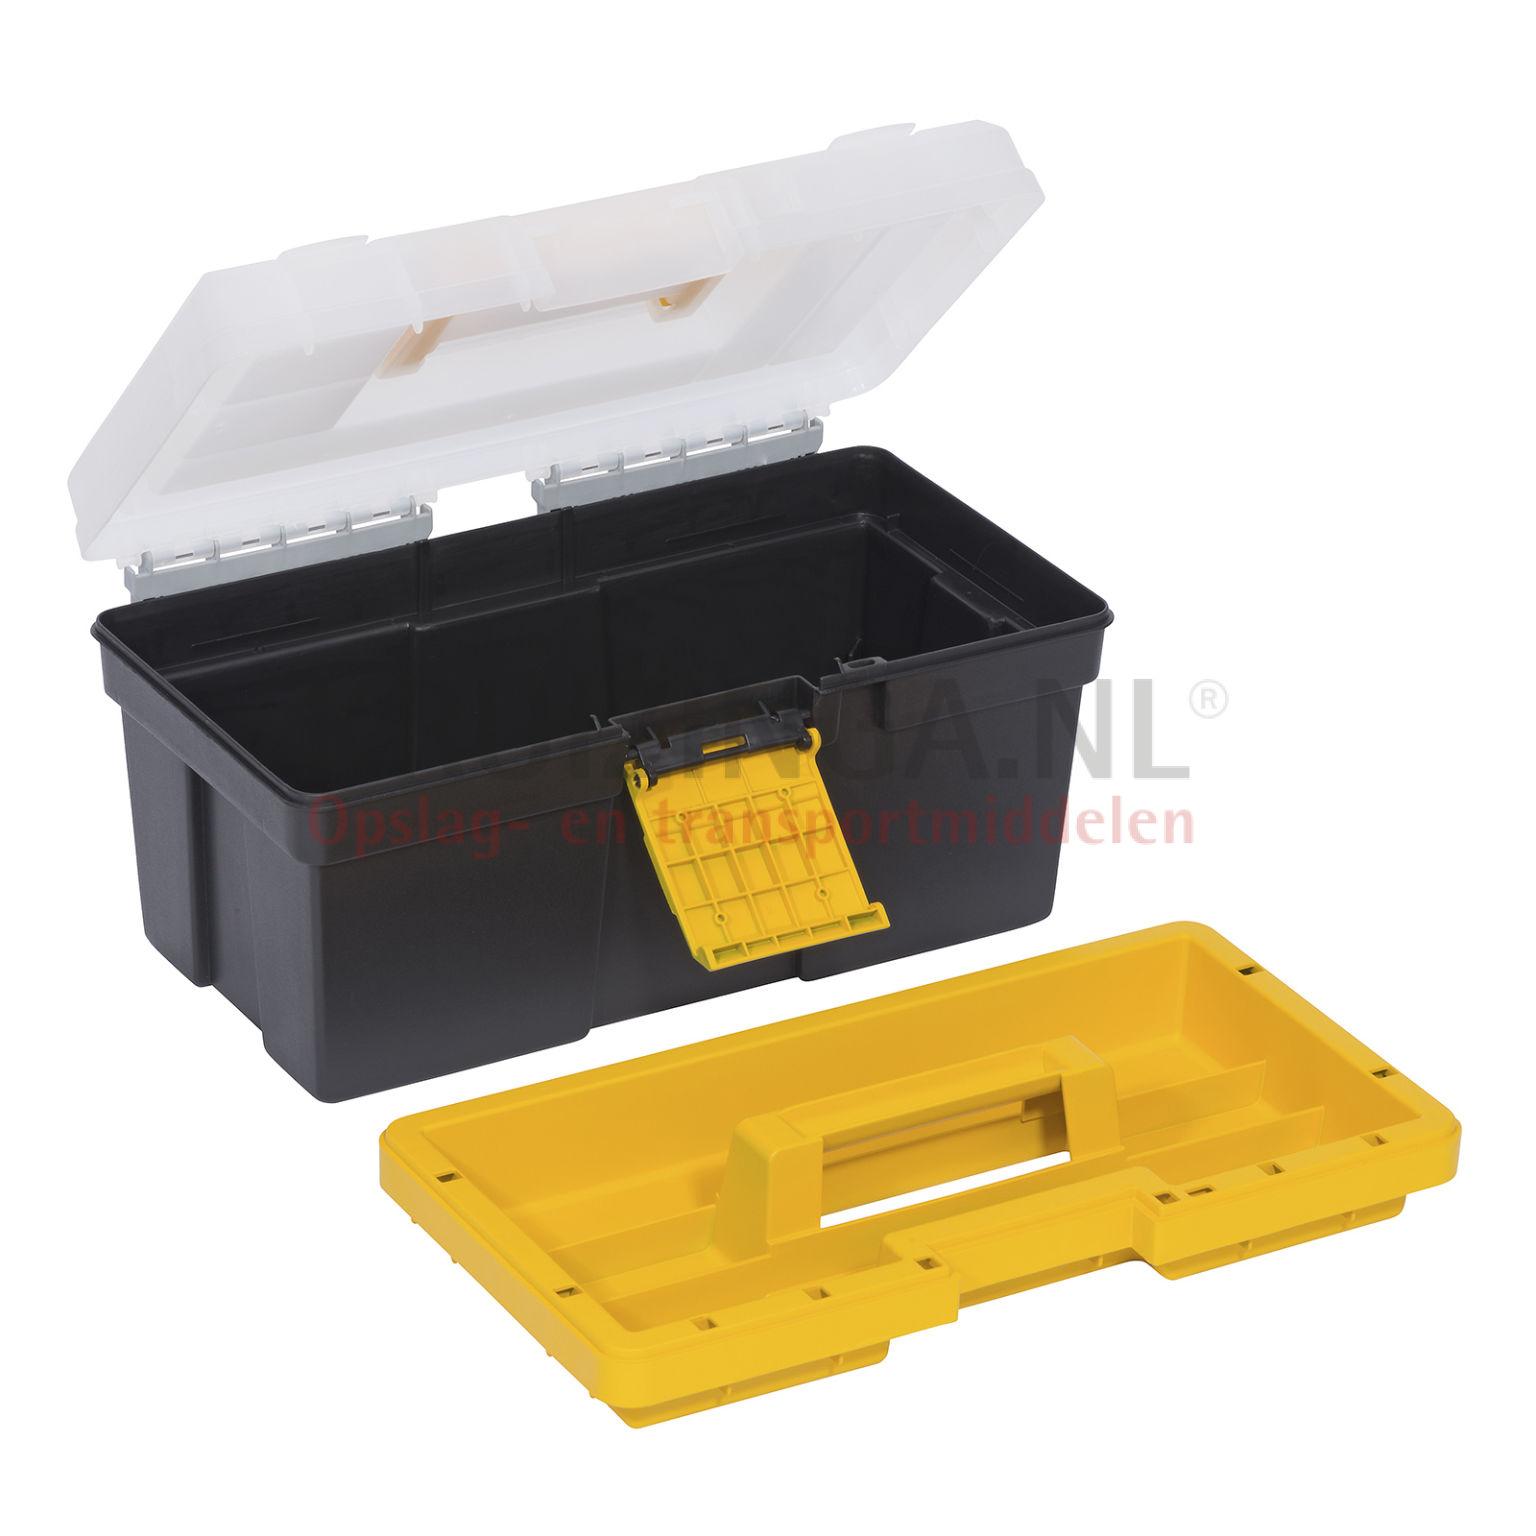 transportkoffer werkzeug box mit doppelte schnellverschlu ab 70 50 frei haus. Black Bedroom Furniture Sets. Home Design Ideas